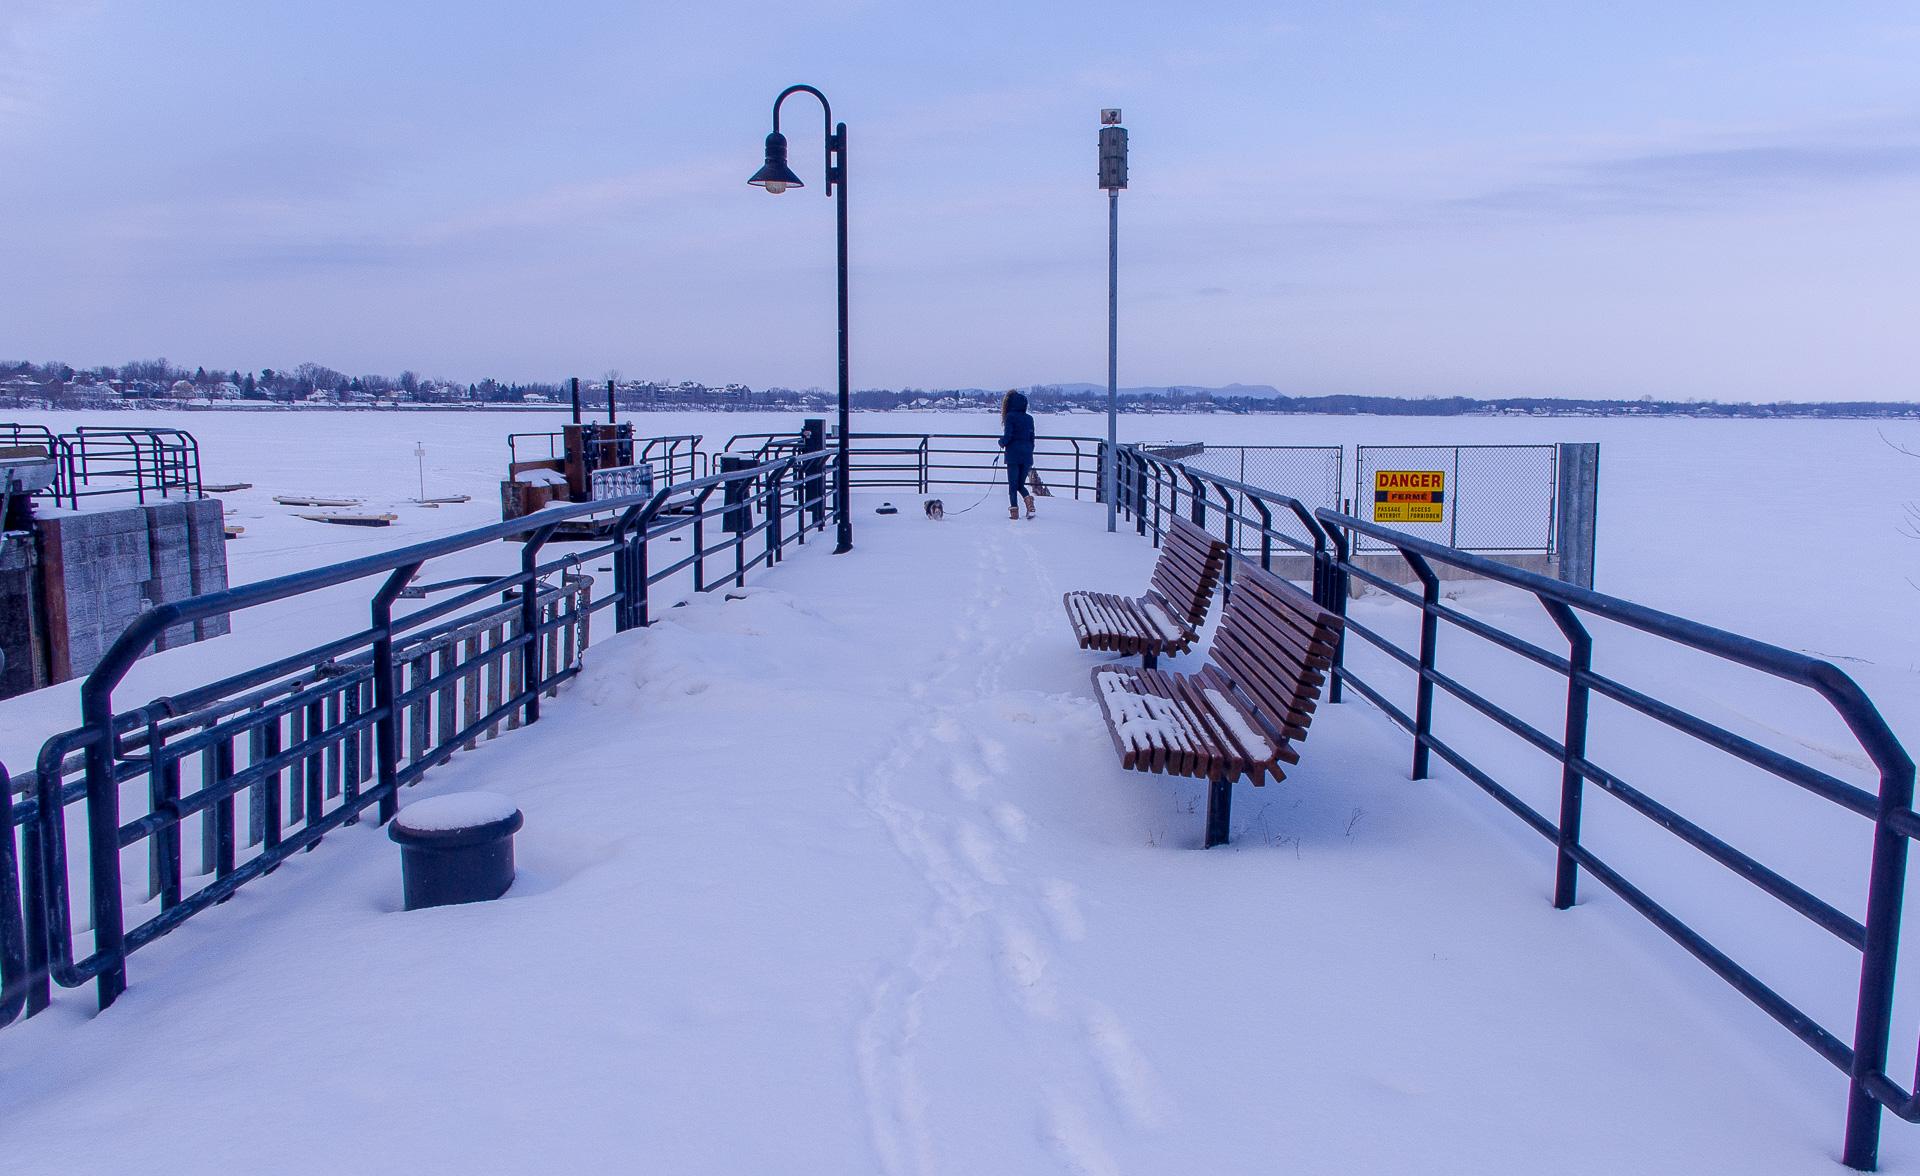 Dimanche 12 février: Balade hivernal à Chambly, QC